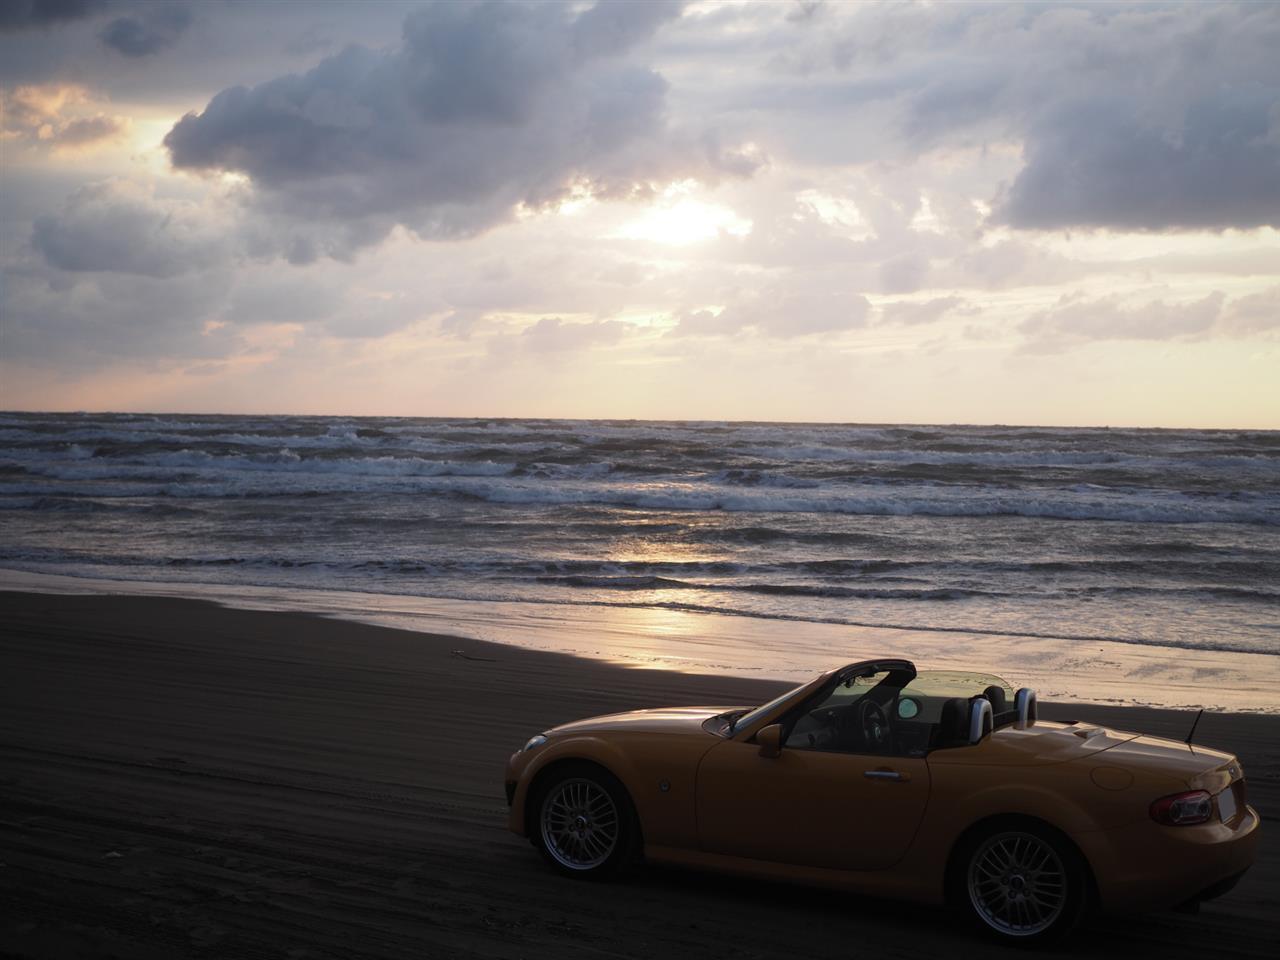 色出来過ぎTRG in 千里浜なぎさドライブウェイ 49